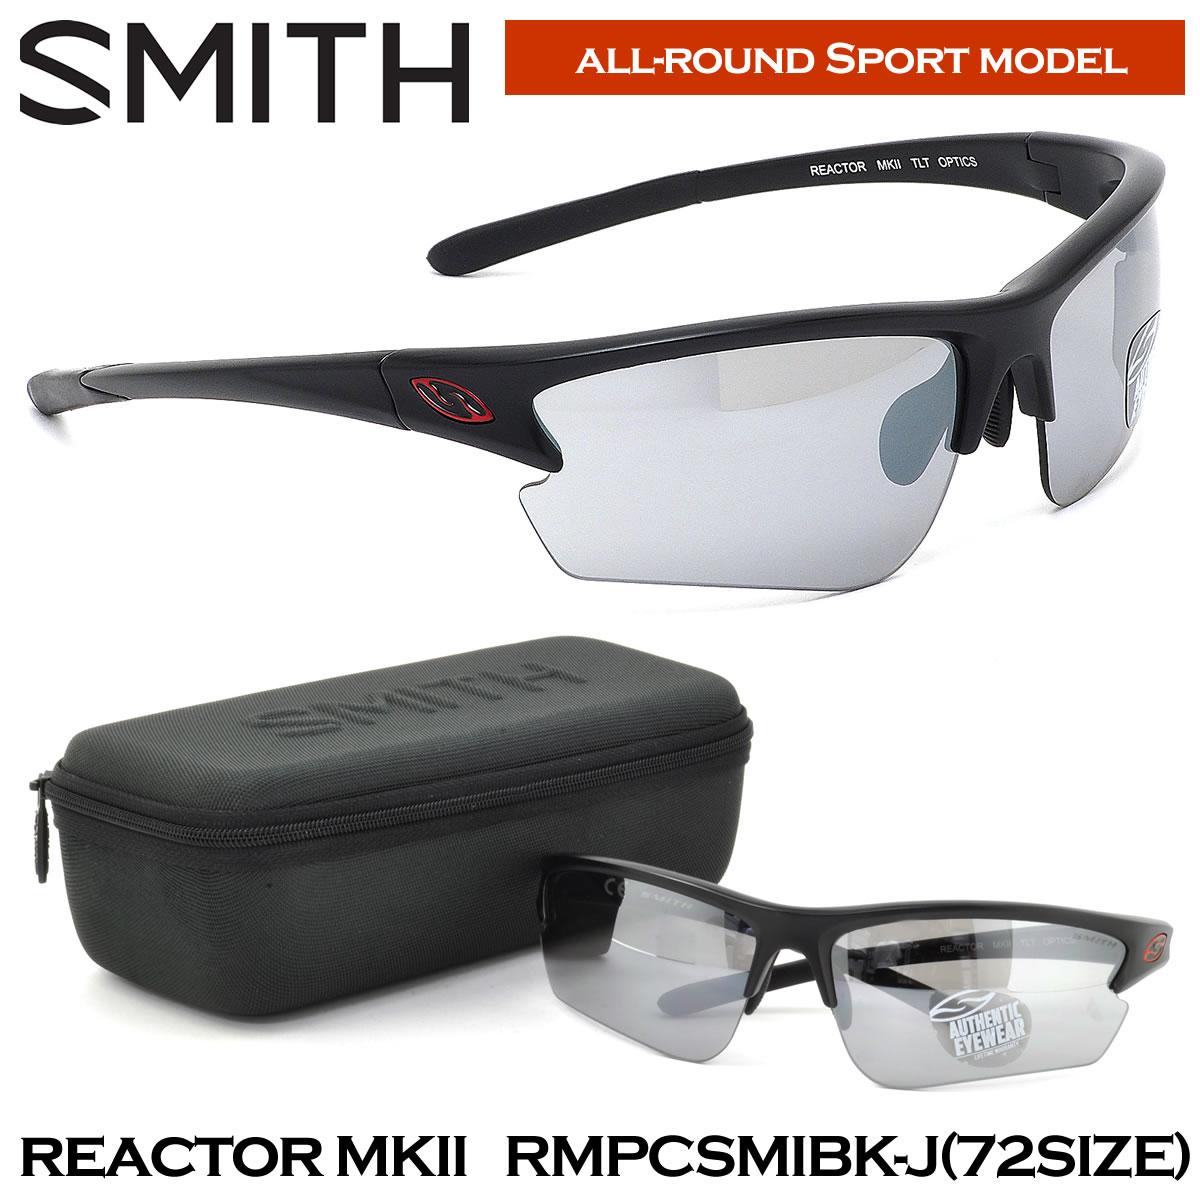 【10月30日からエントリーで全品ポイント20倍】【スミスオプティクス】 (SMITH OPTICS) サングラスREACTOR MK2 RMPCSMIBK-J 72サイズスポーツサングラス ステッカー付き reactor MK2 スミスオプティクス SMITH OPTICS smith optics SMITHOPTICS メンズ レディー